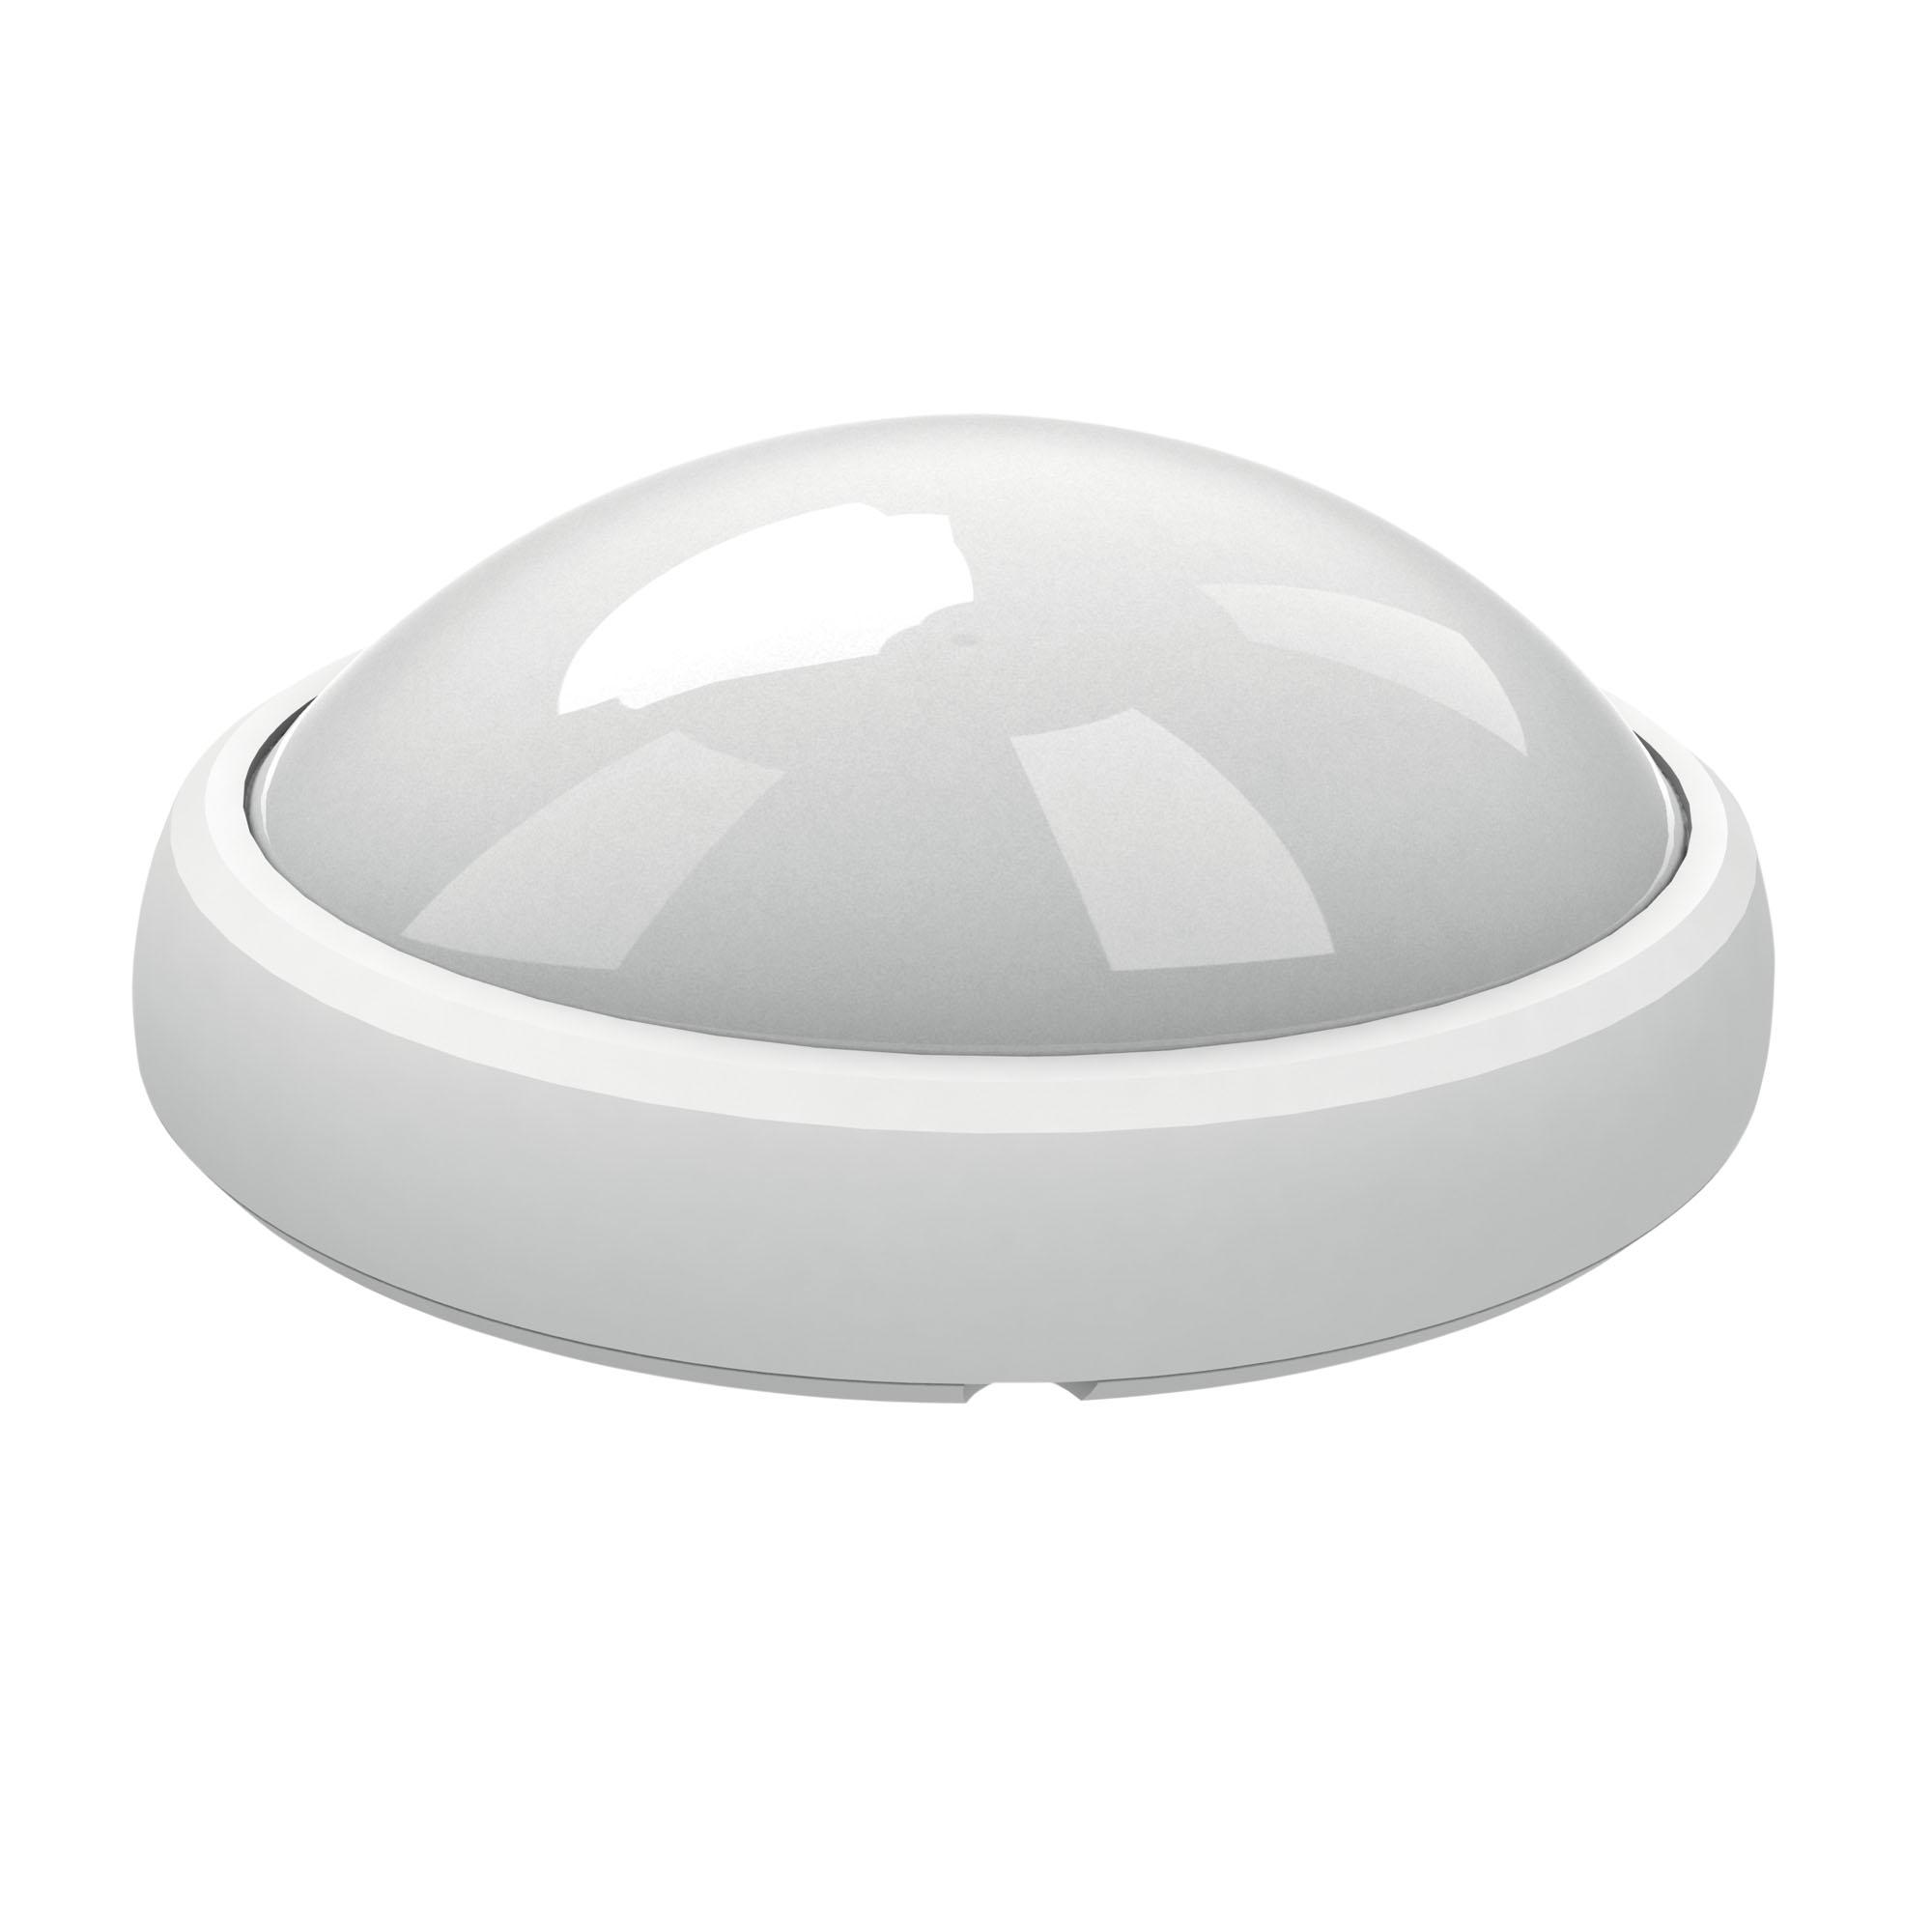 Купить Светильник настенно-потолочный Uniel Ulw-o04-12w/nw ip65 white